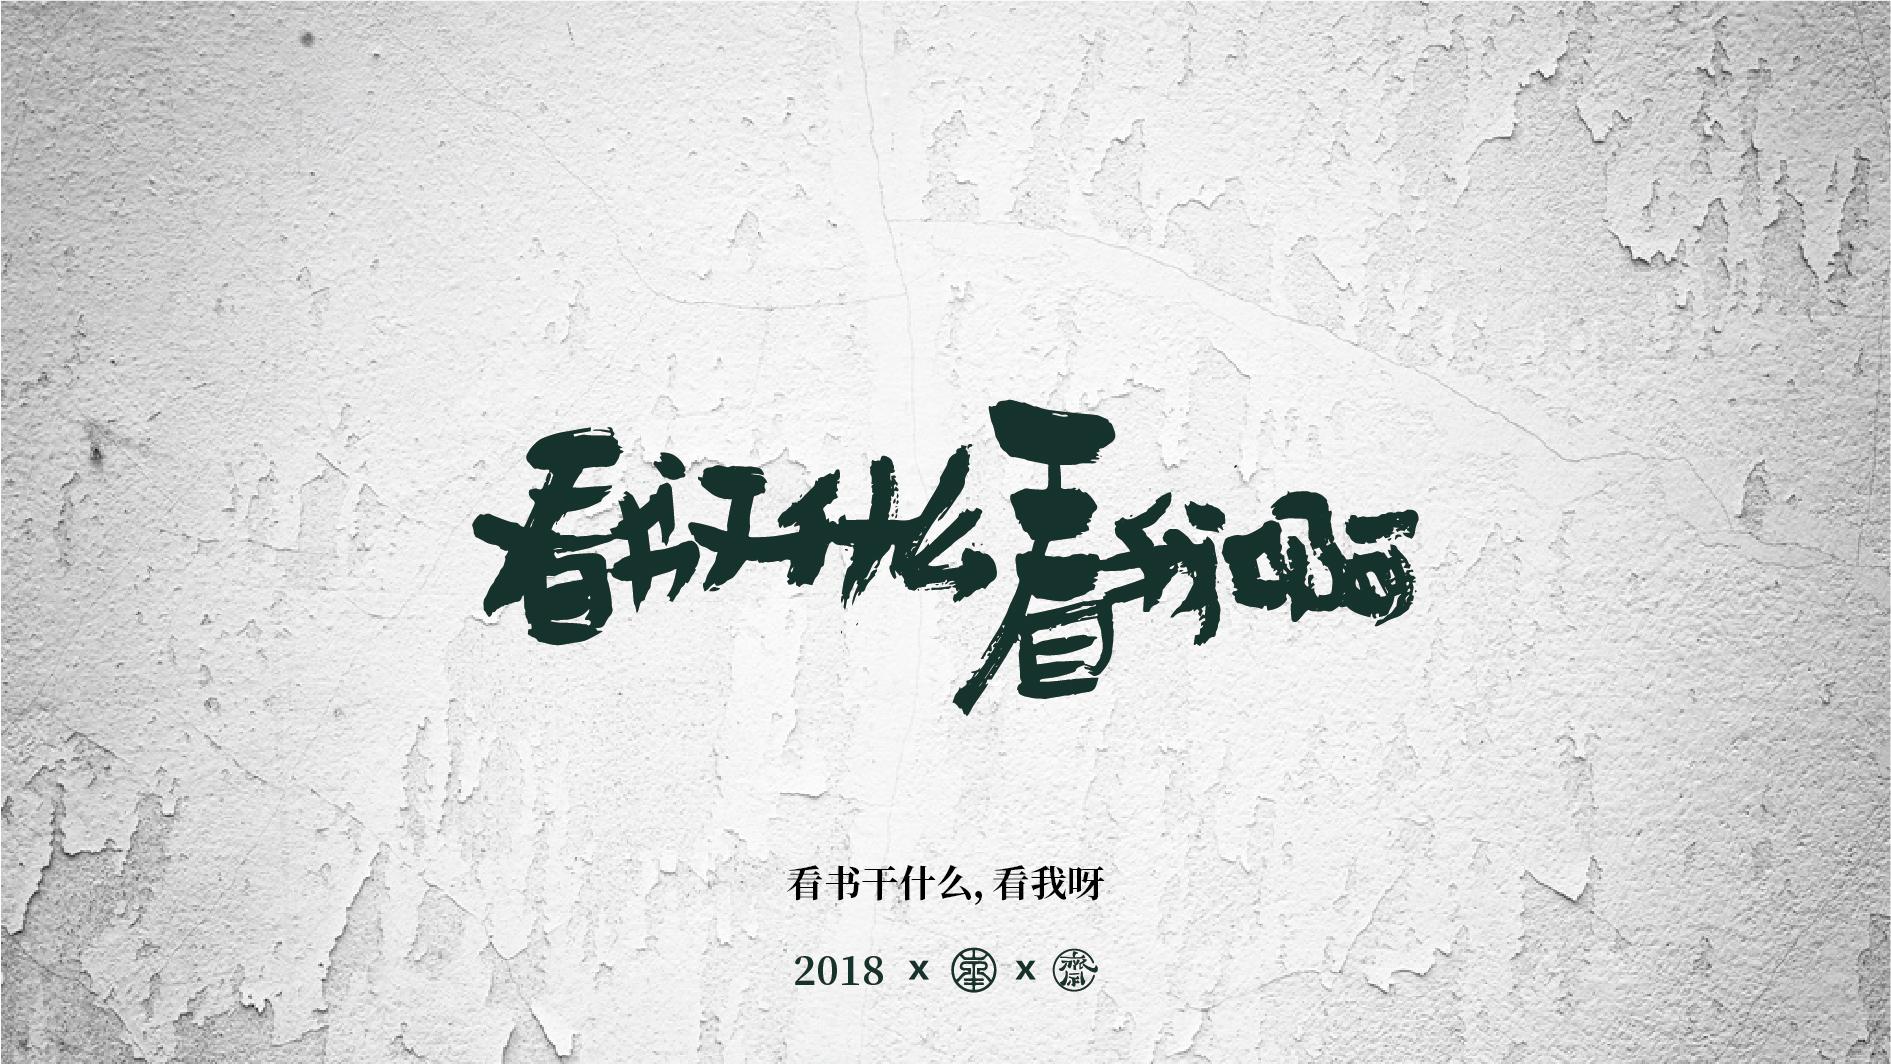 超超大神手写毛笔字第1波 之教师节系列插图(16)